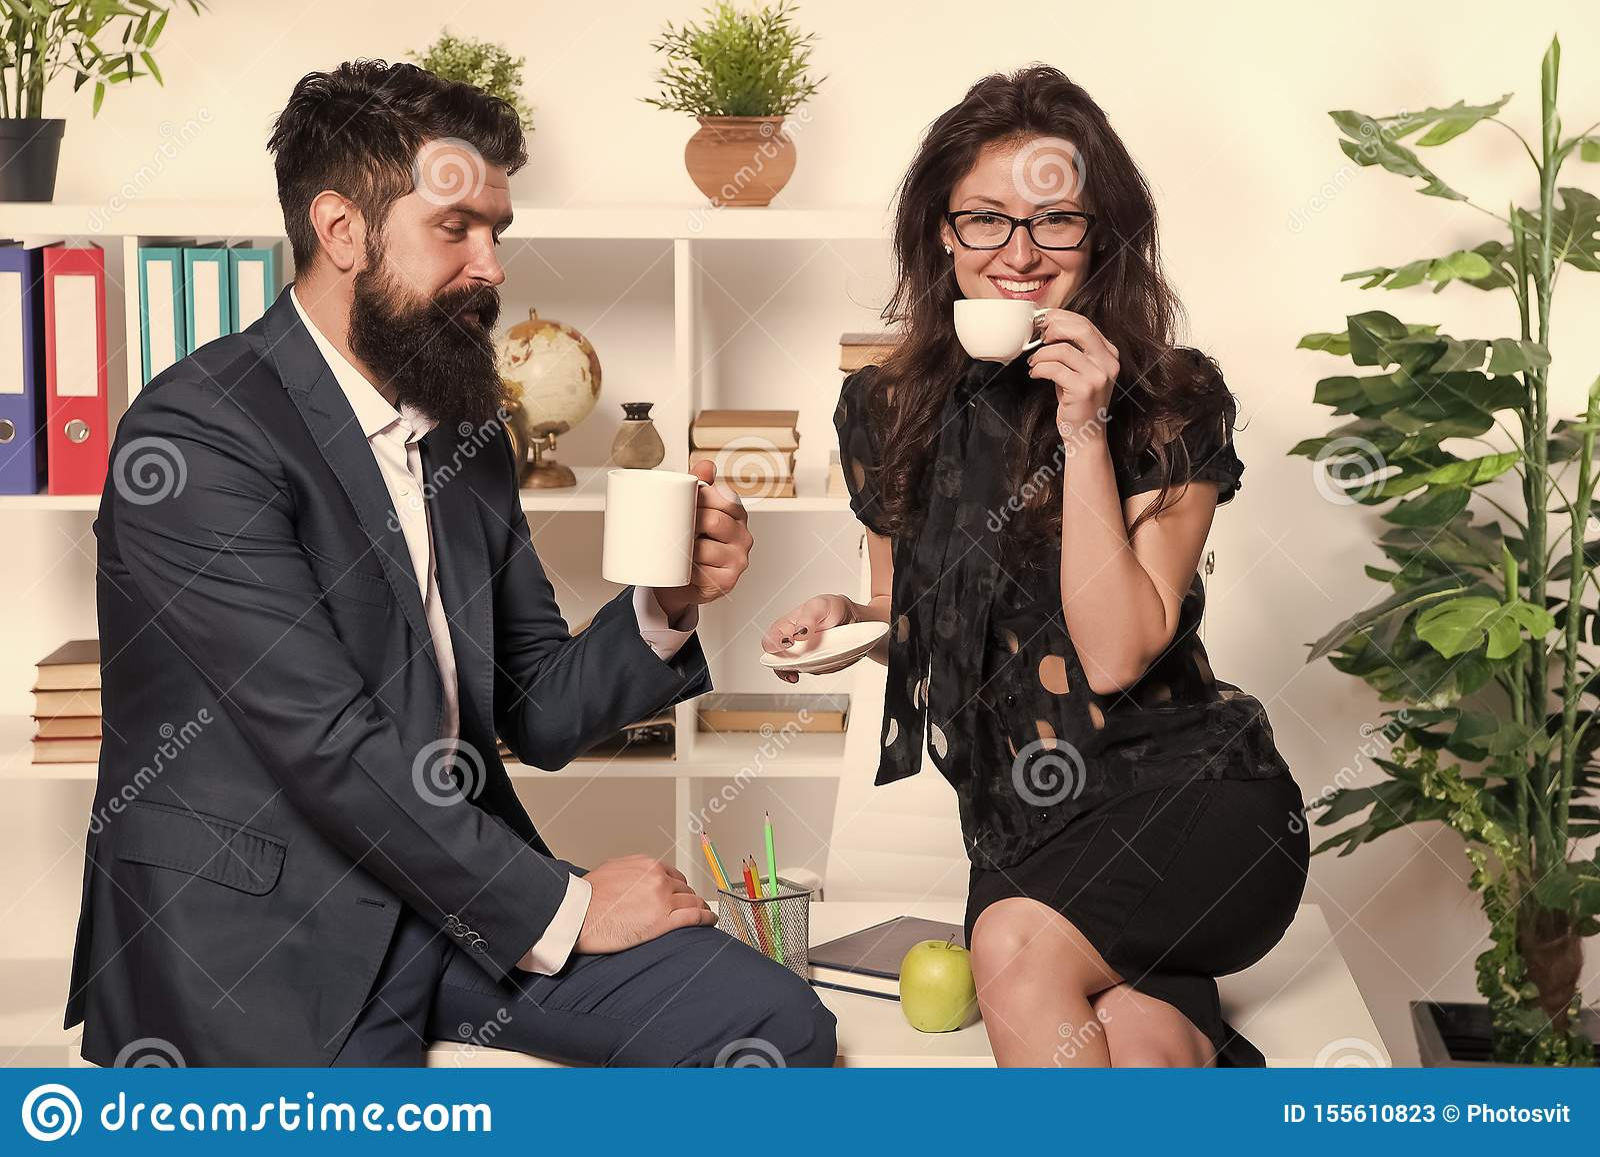 Koffiepauze met collega Man en vrouwen prettig gesprek tijdens koffiepauze Het bespreken van bureaugeruchten Vraag om